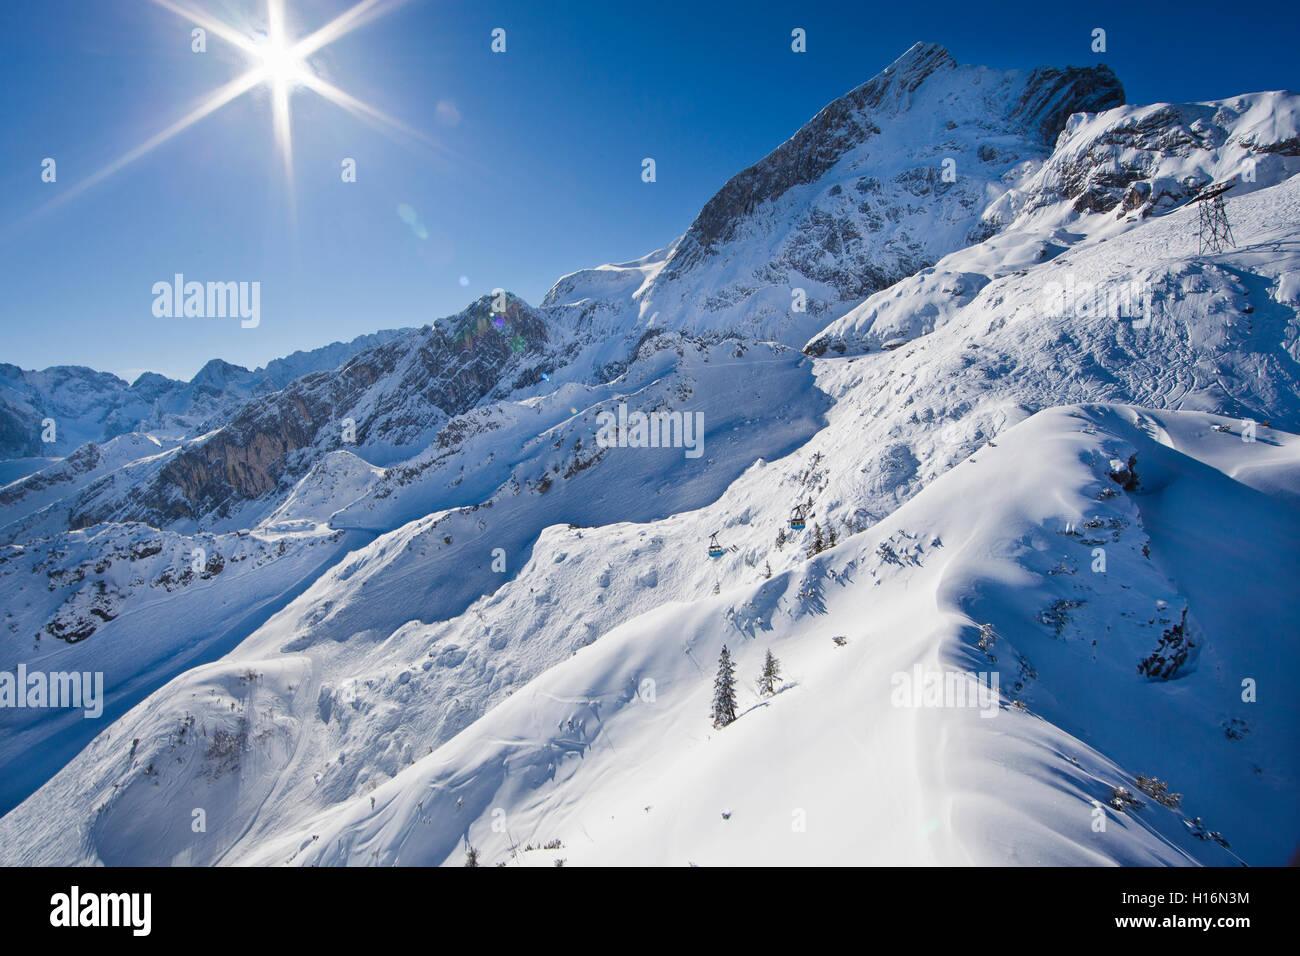 Garmisch Classic ski en hiver, l'Alpspitze derrière, Wetterstein, Garmisch-Partenkirchen, District de Haute-bavière, Bavière Banque D'Images